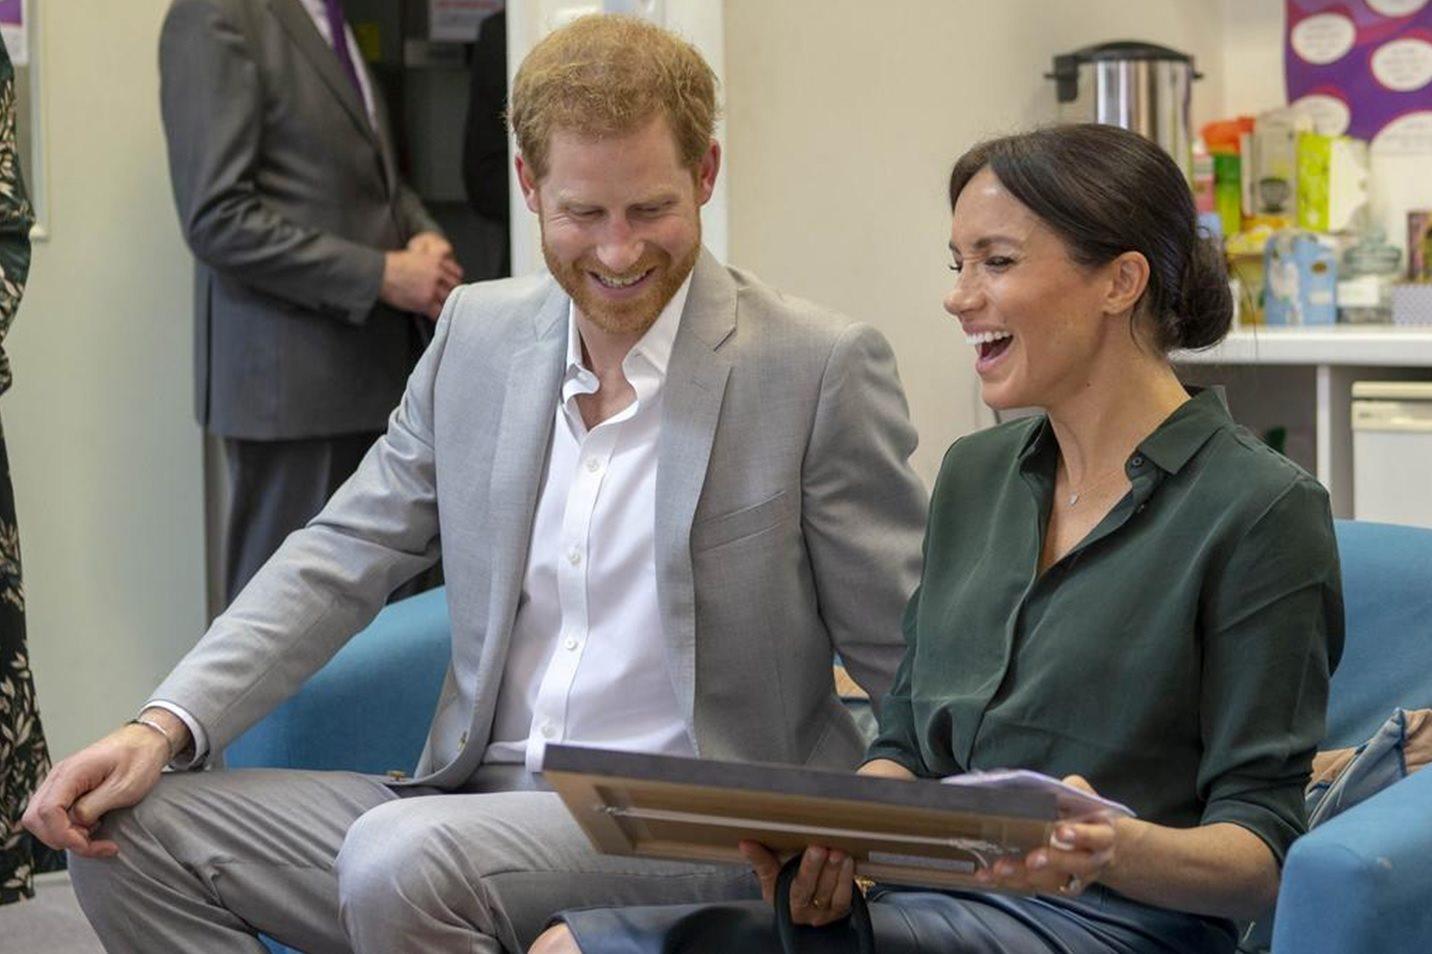 La Regina Elisabetta, non ha festeggiato il compleanno Meghan Markle